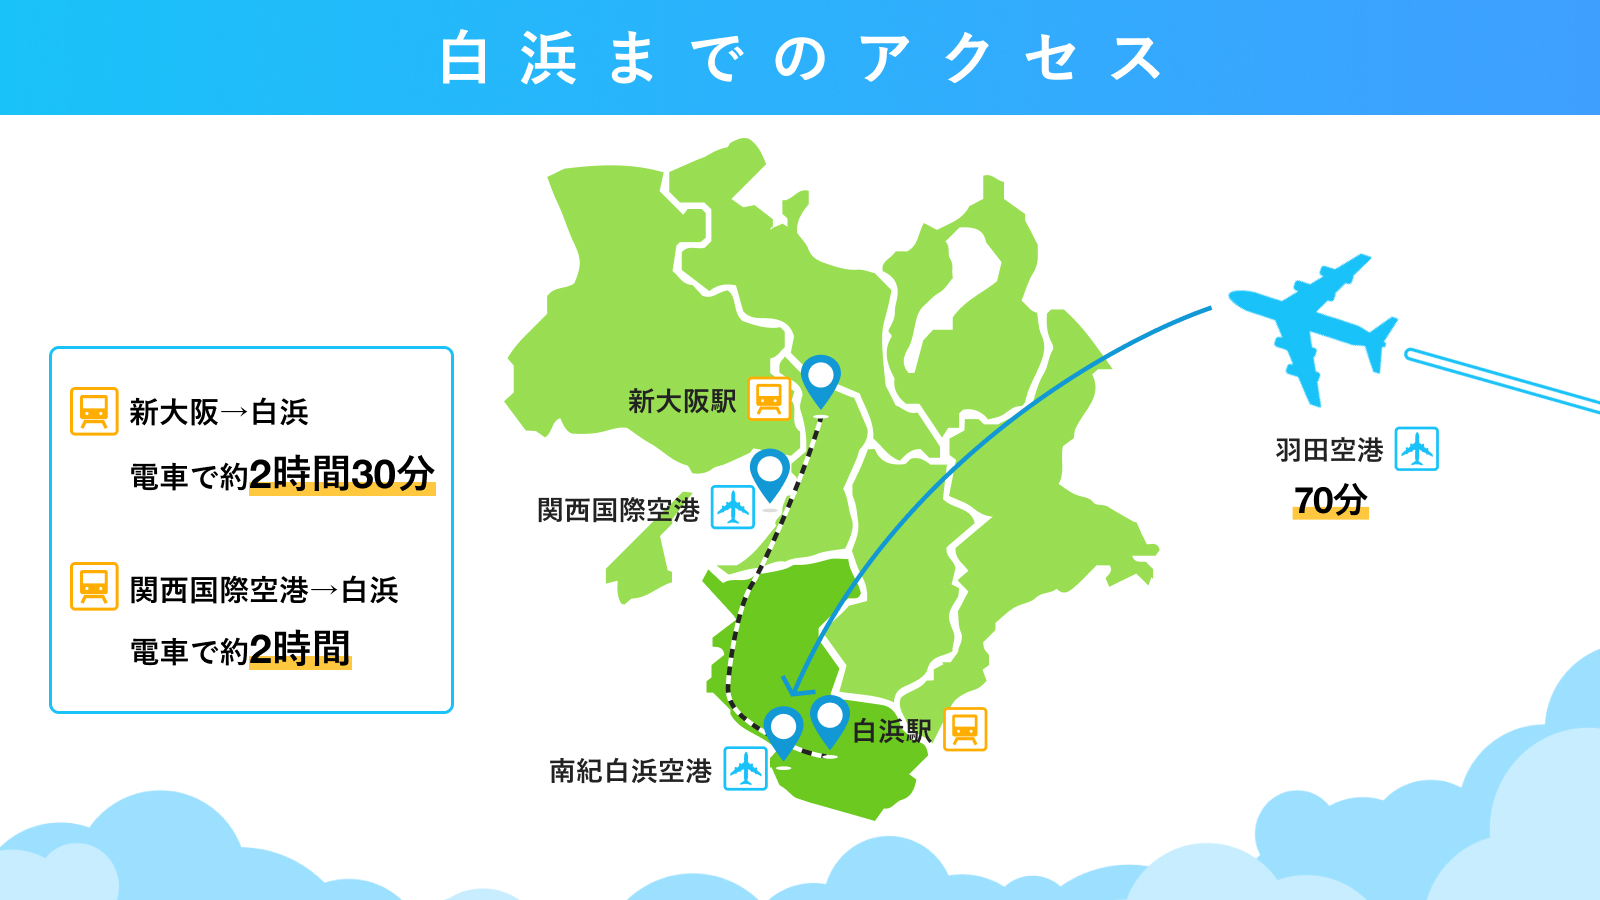 和歌山までのアクセス